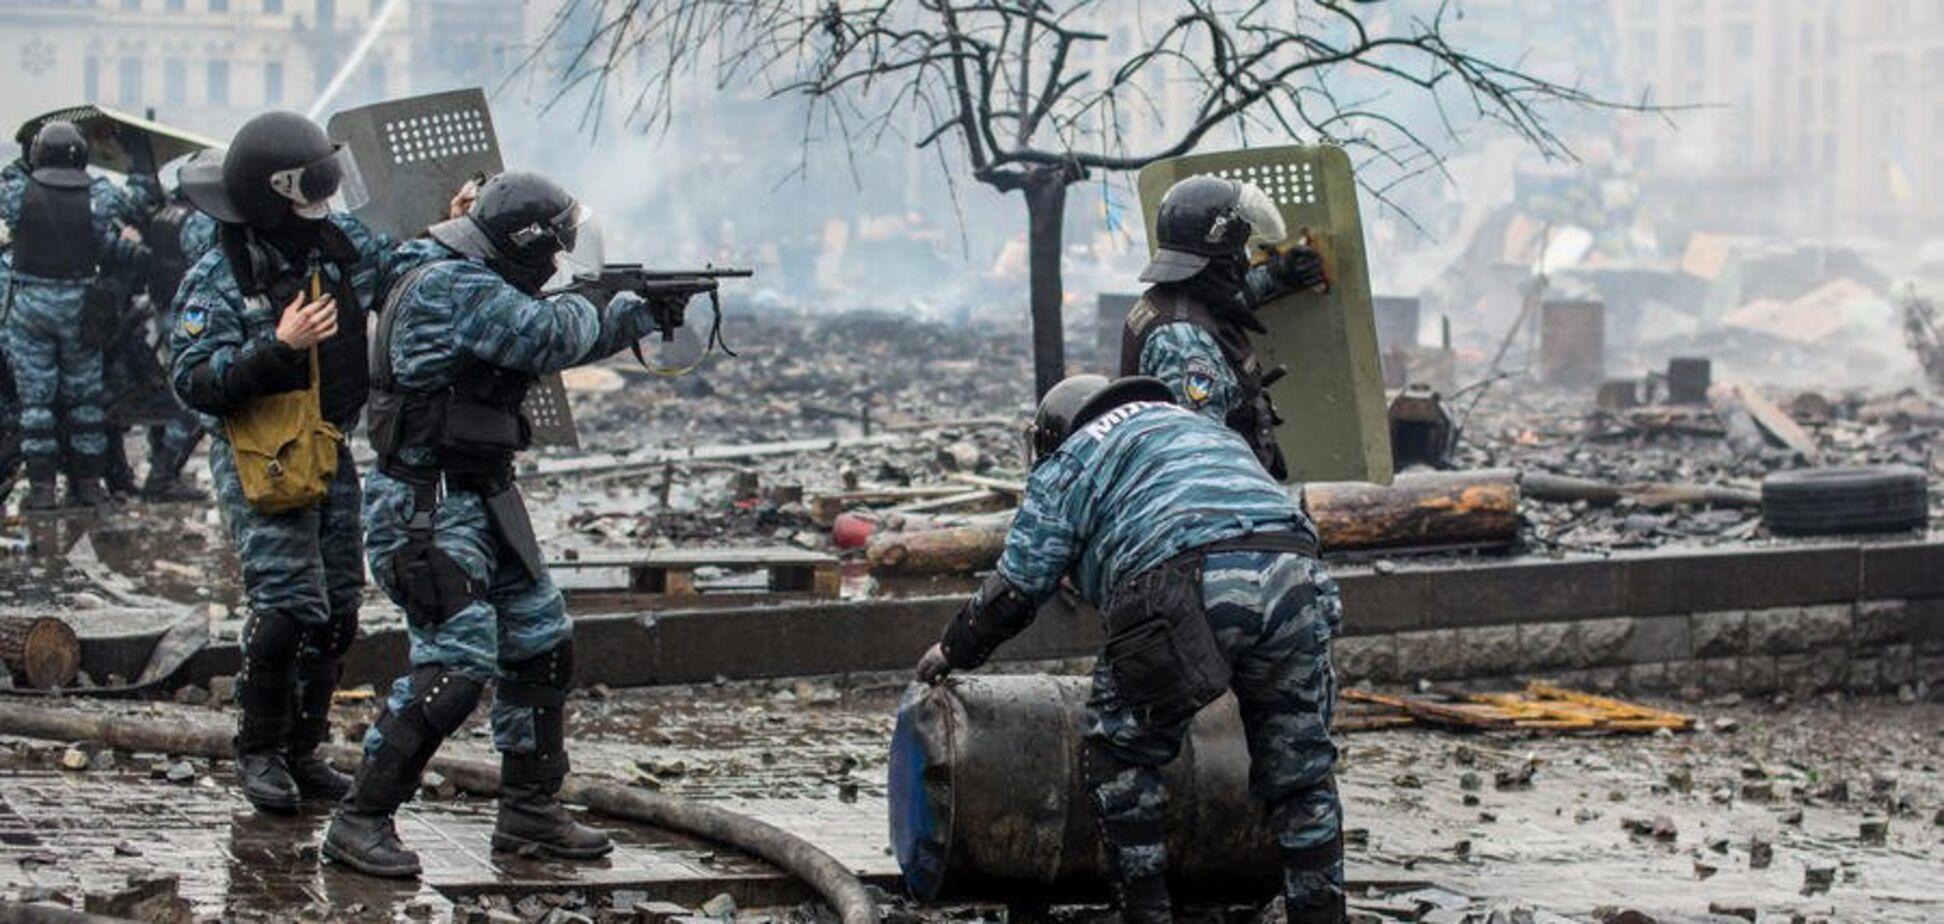 Убив 'беркутівців'? Відомого активіста Євромайдану віддали під суд